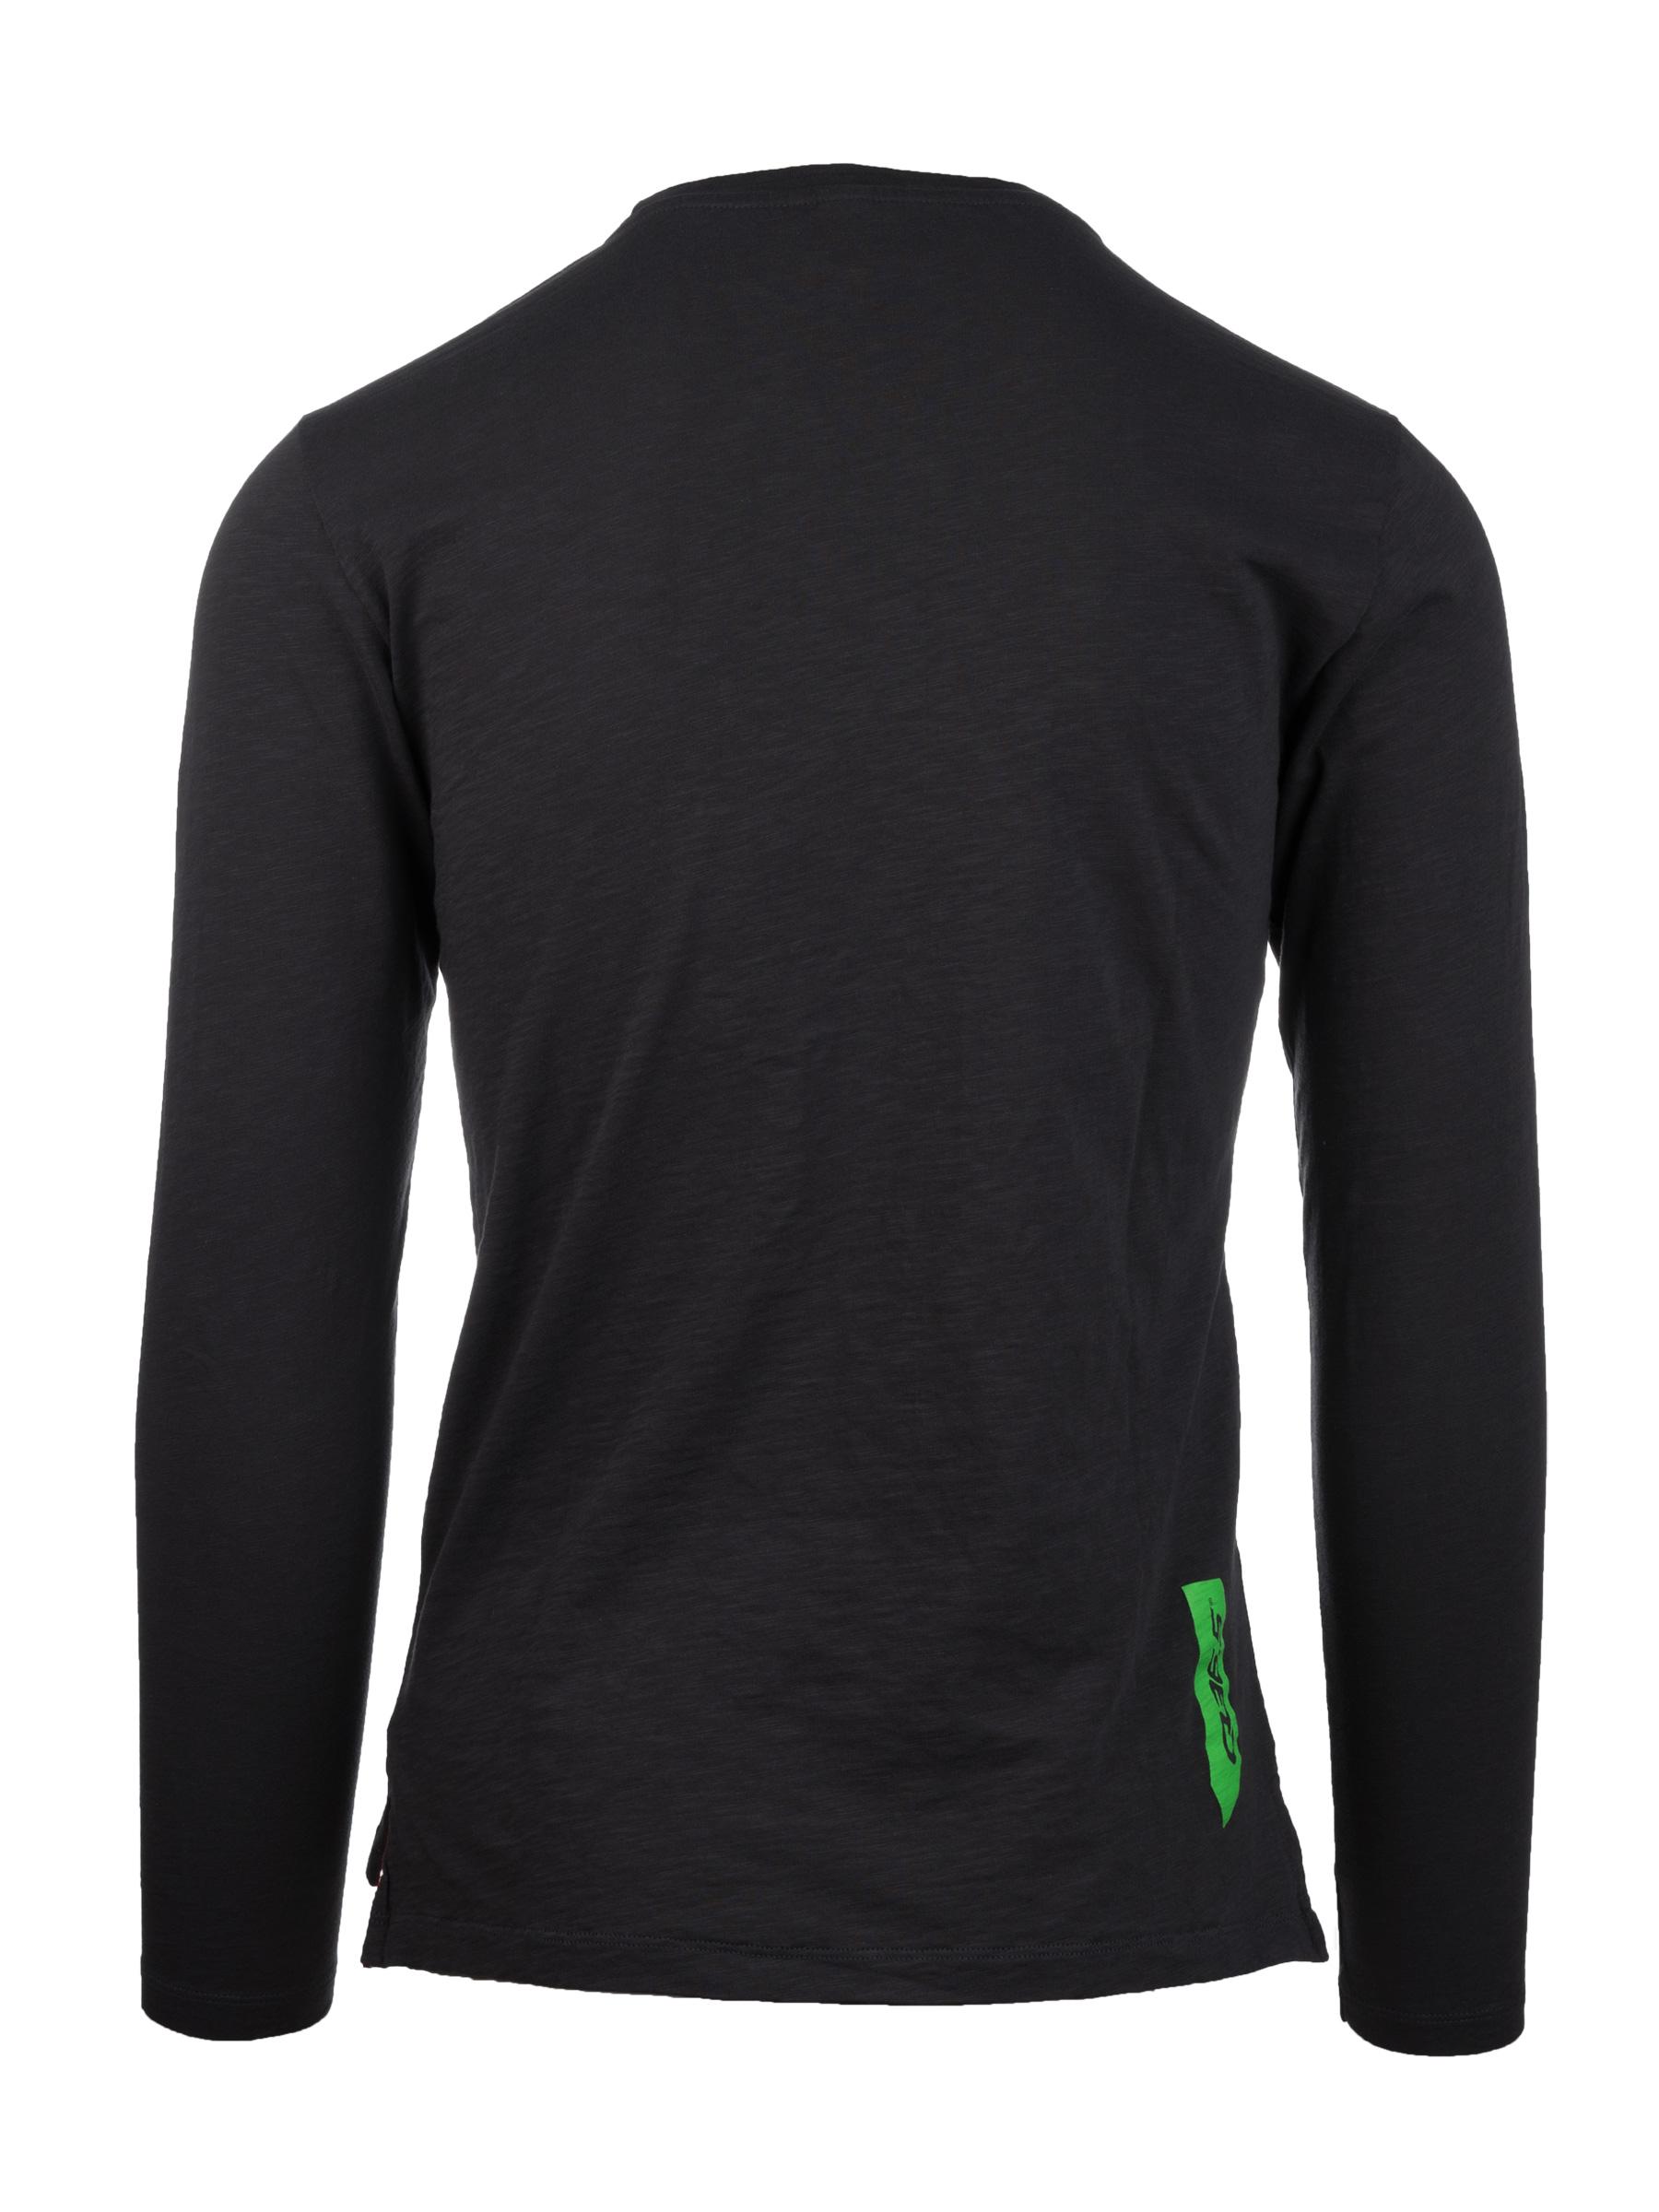 T-Shirt Long Sleeve Men